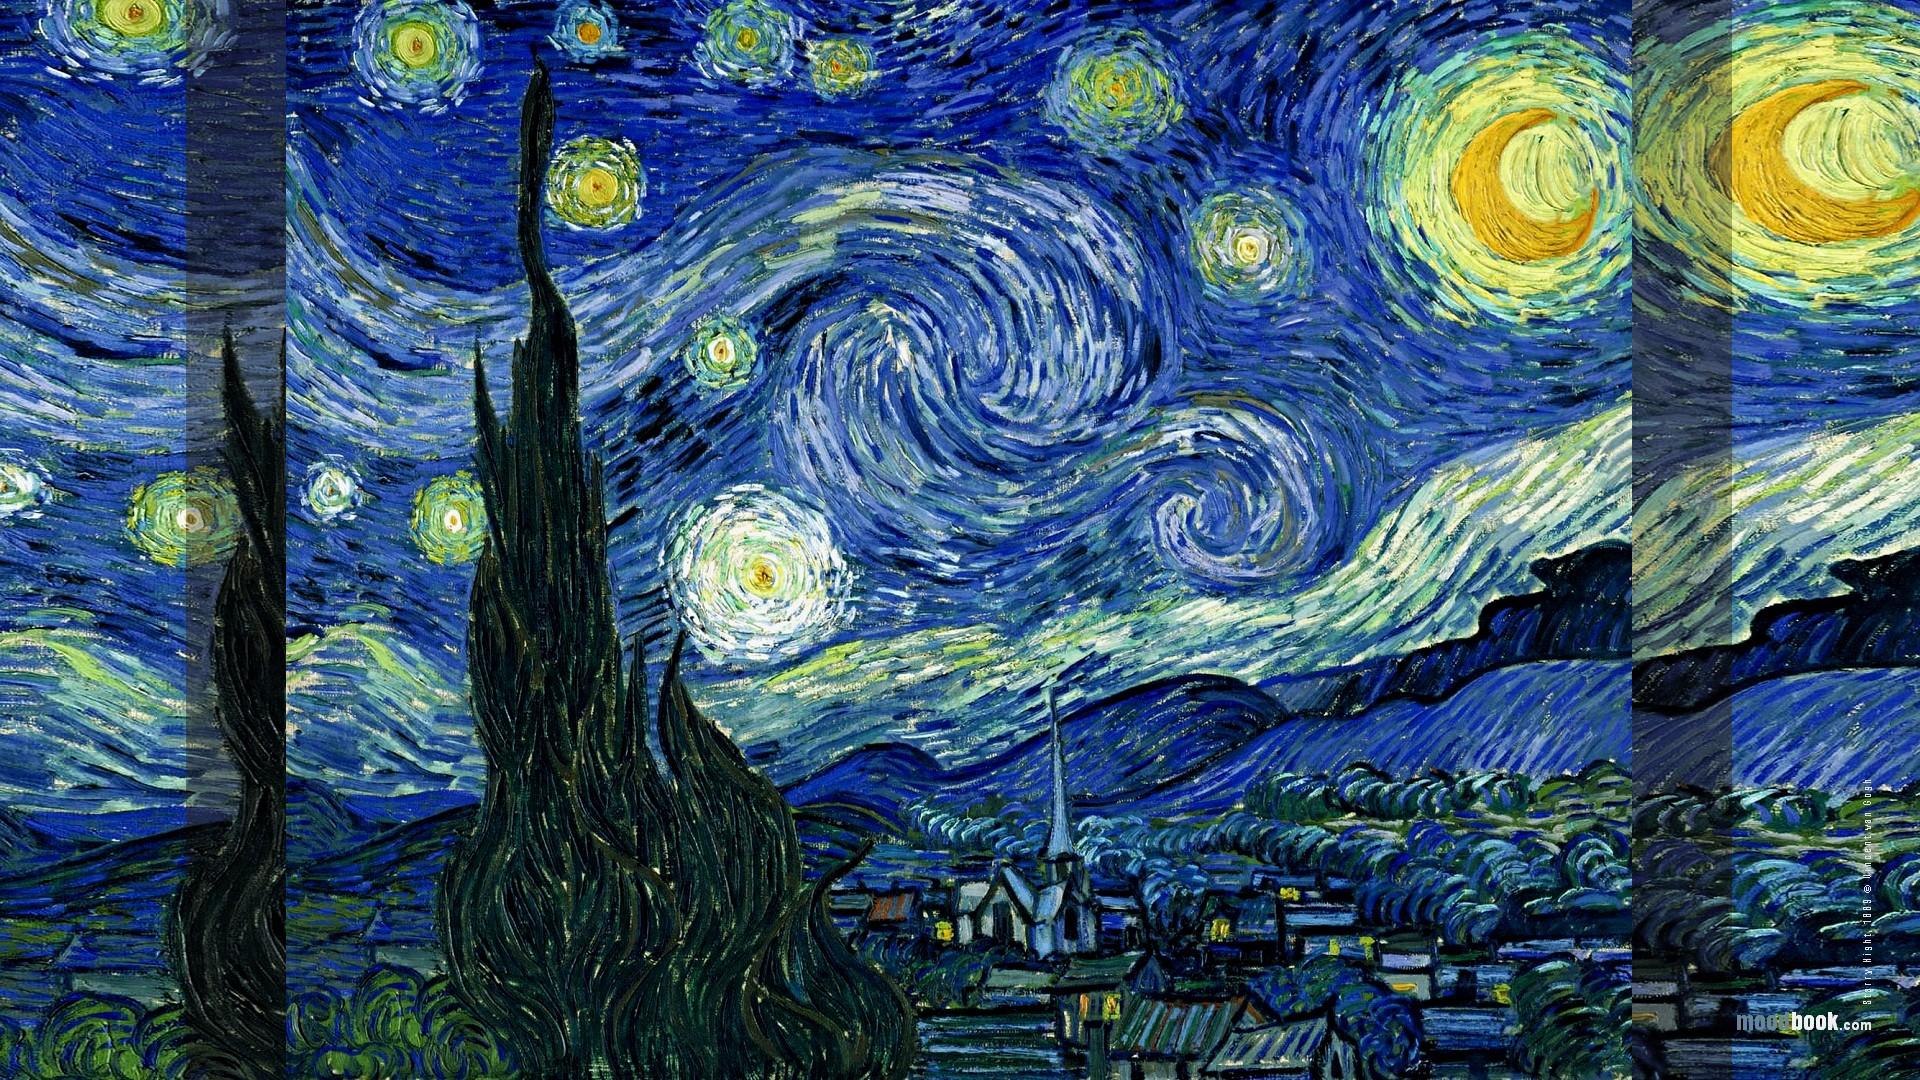 76+ Van Gogh Desktop Wallpaper on WallpaperSafari